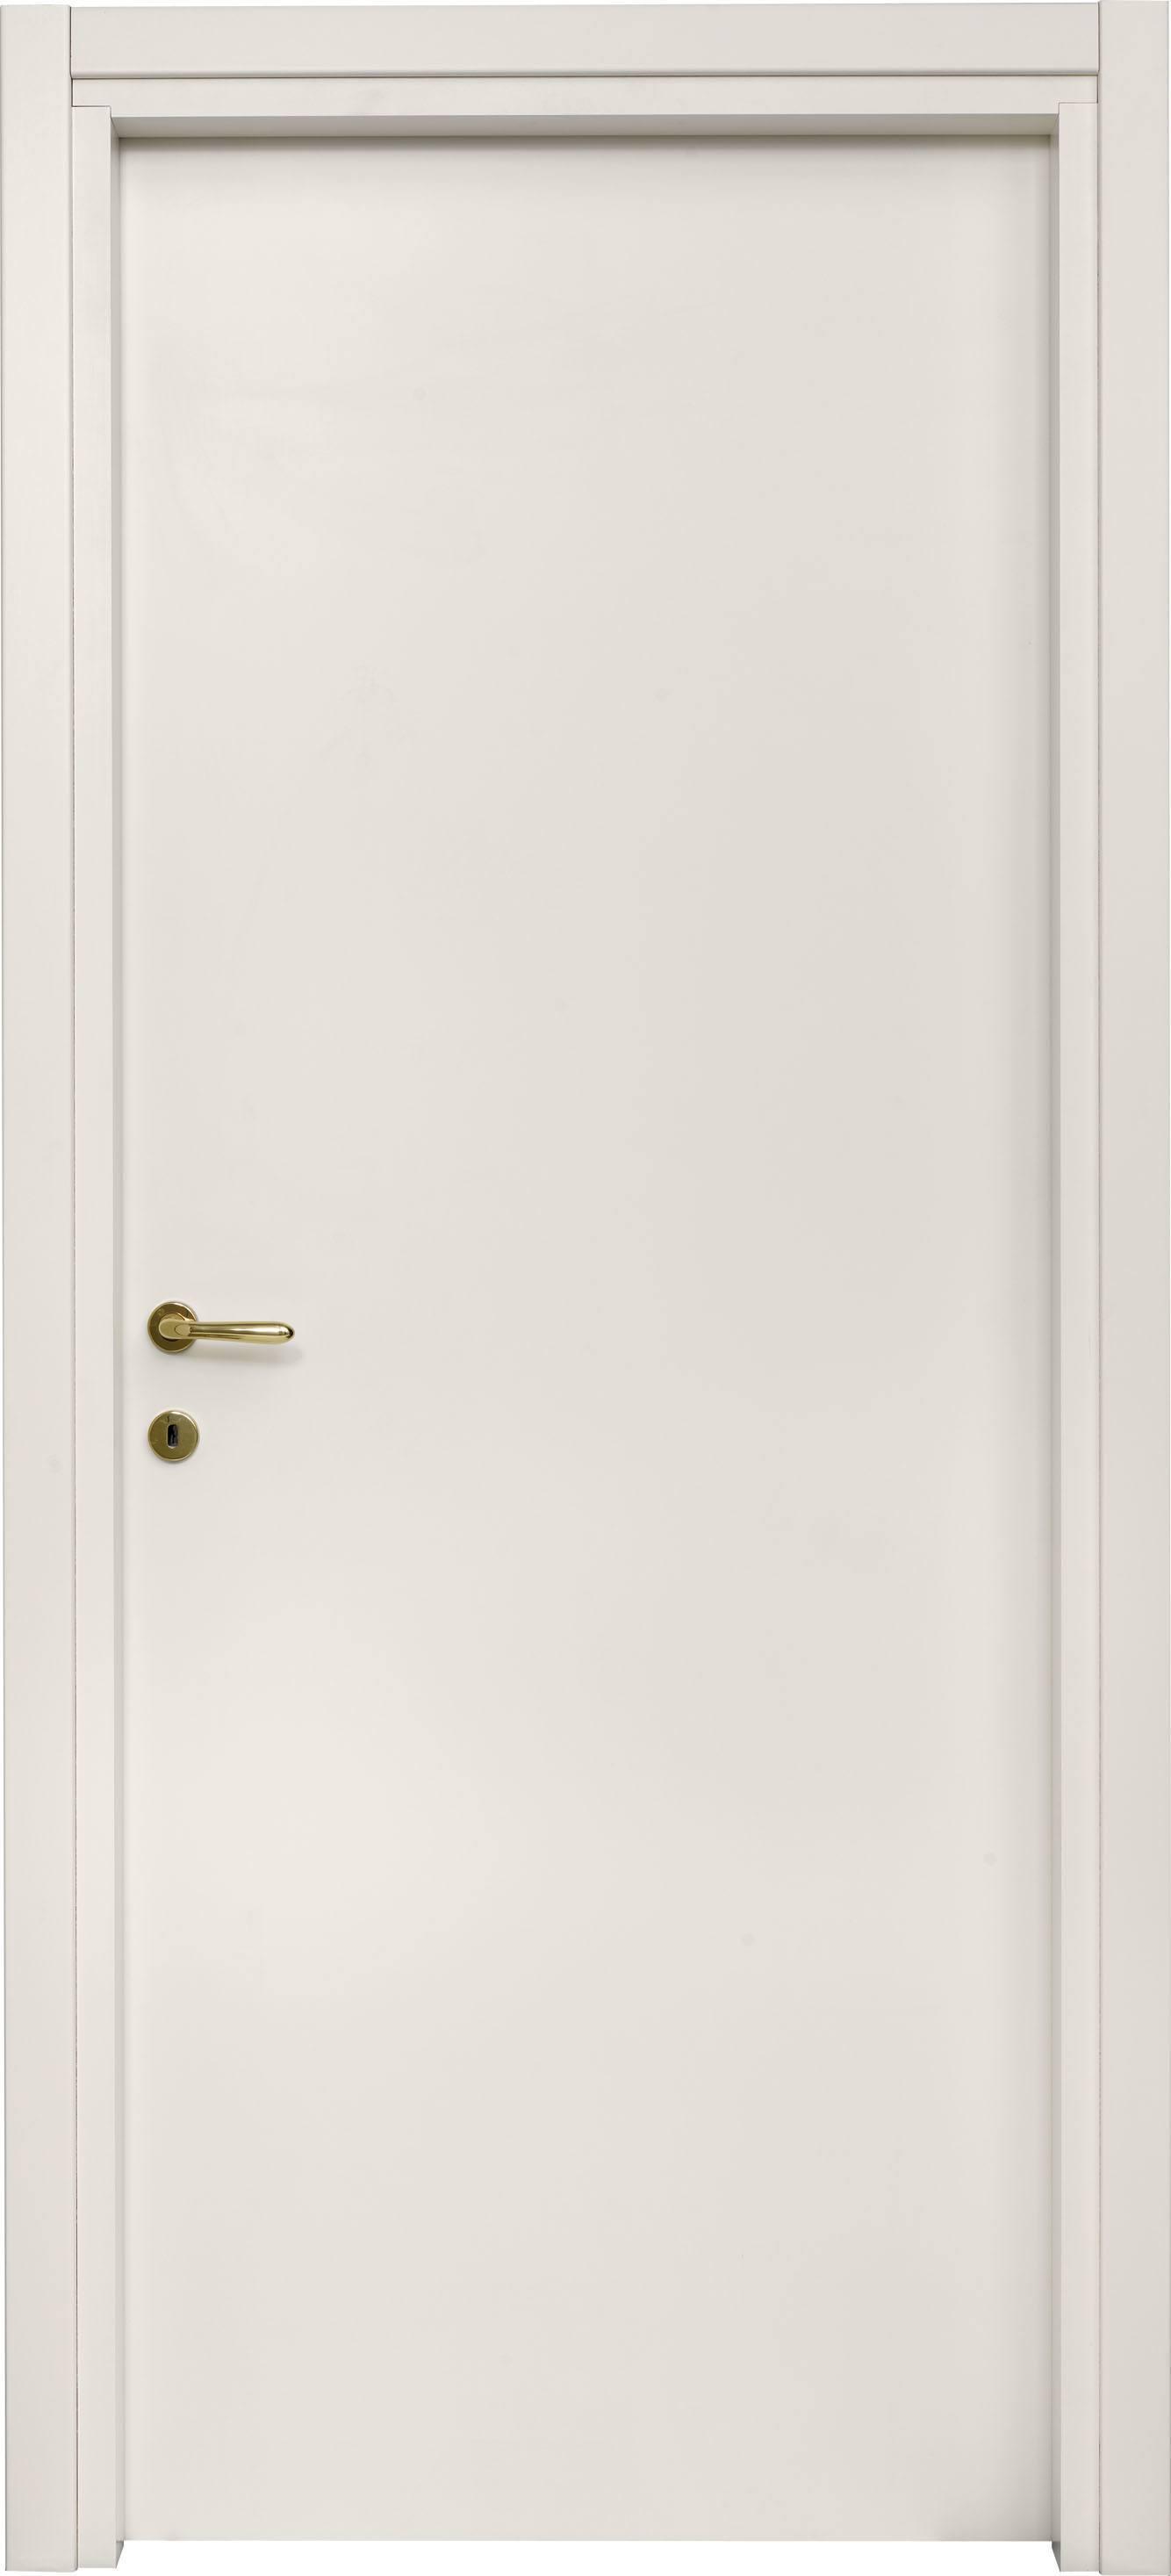 Porte Bianche Laccate Prezzi quanto costano le porte interne laccate bianche